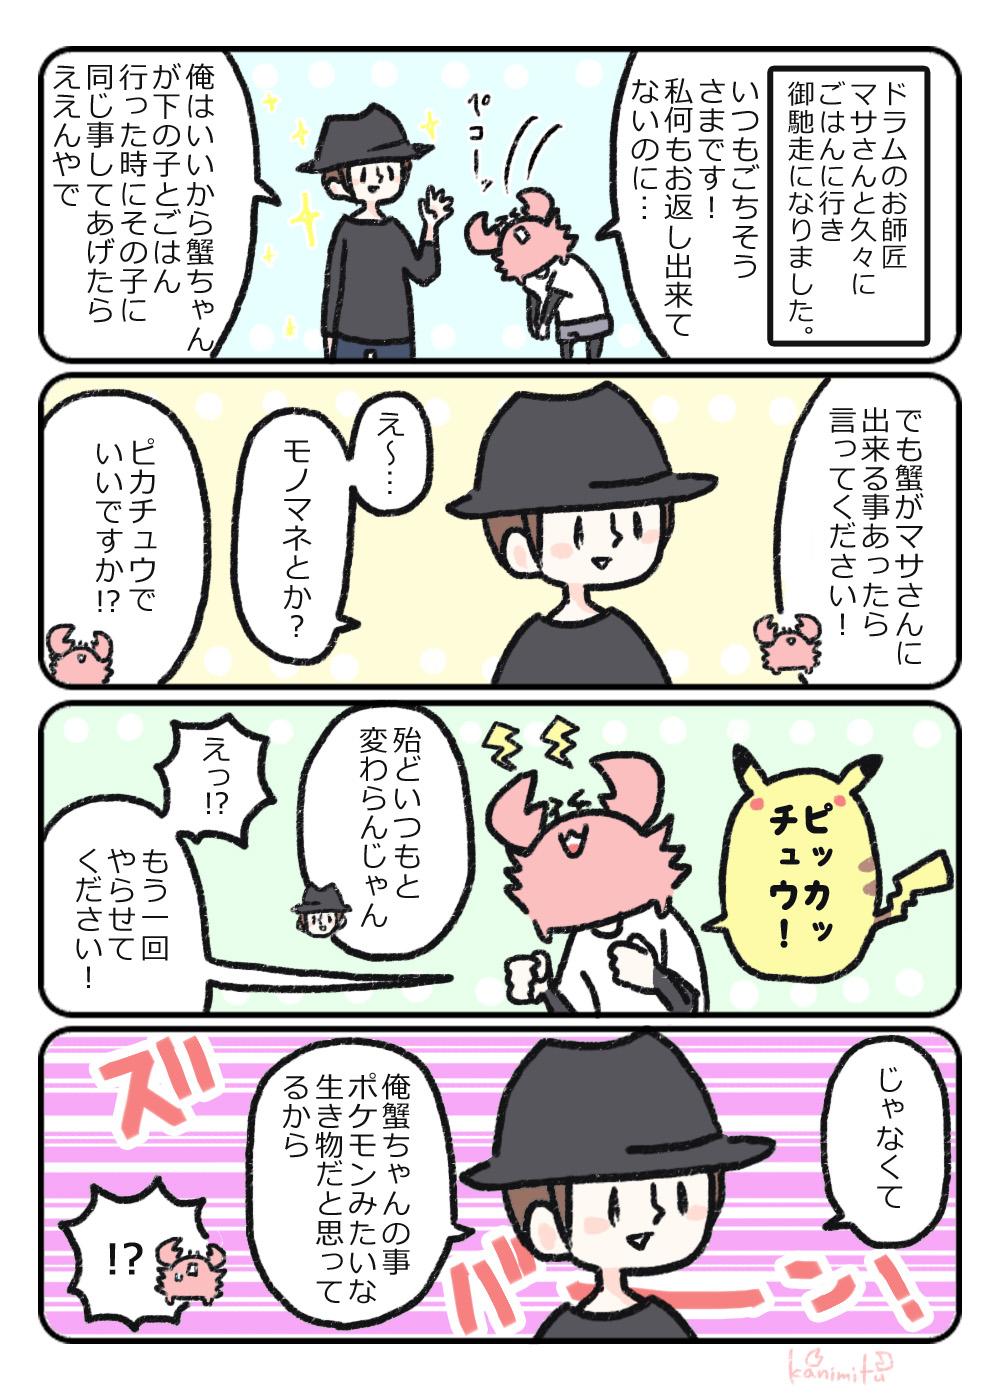 dr.kani59